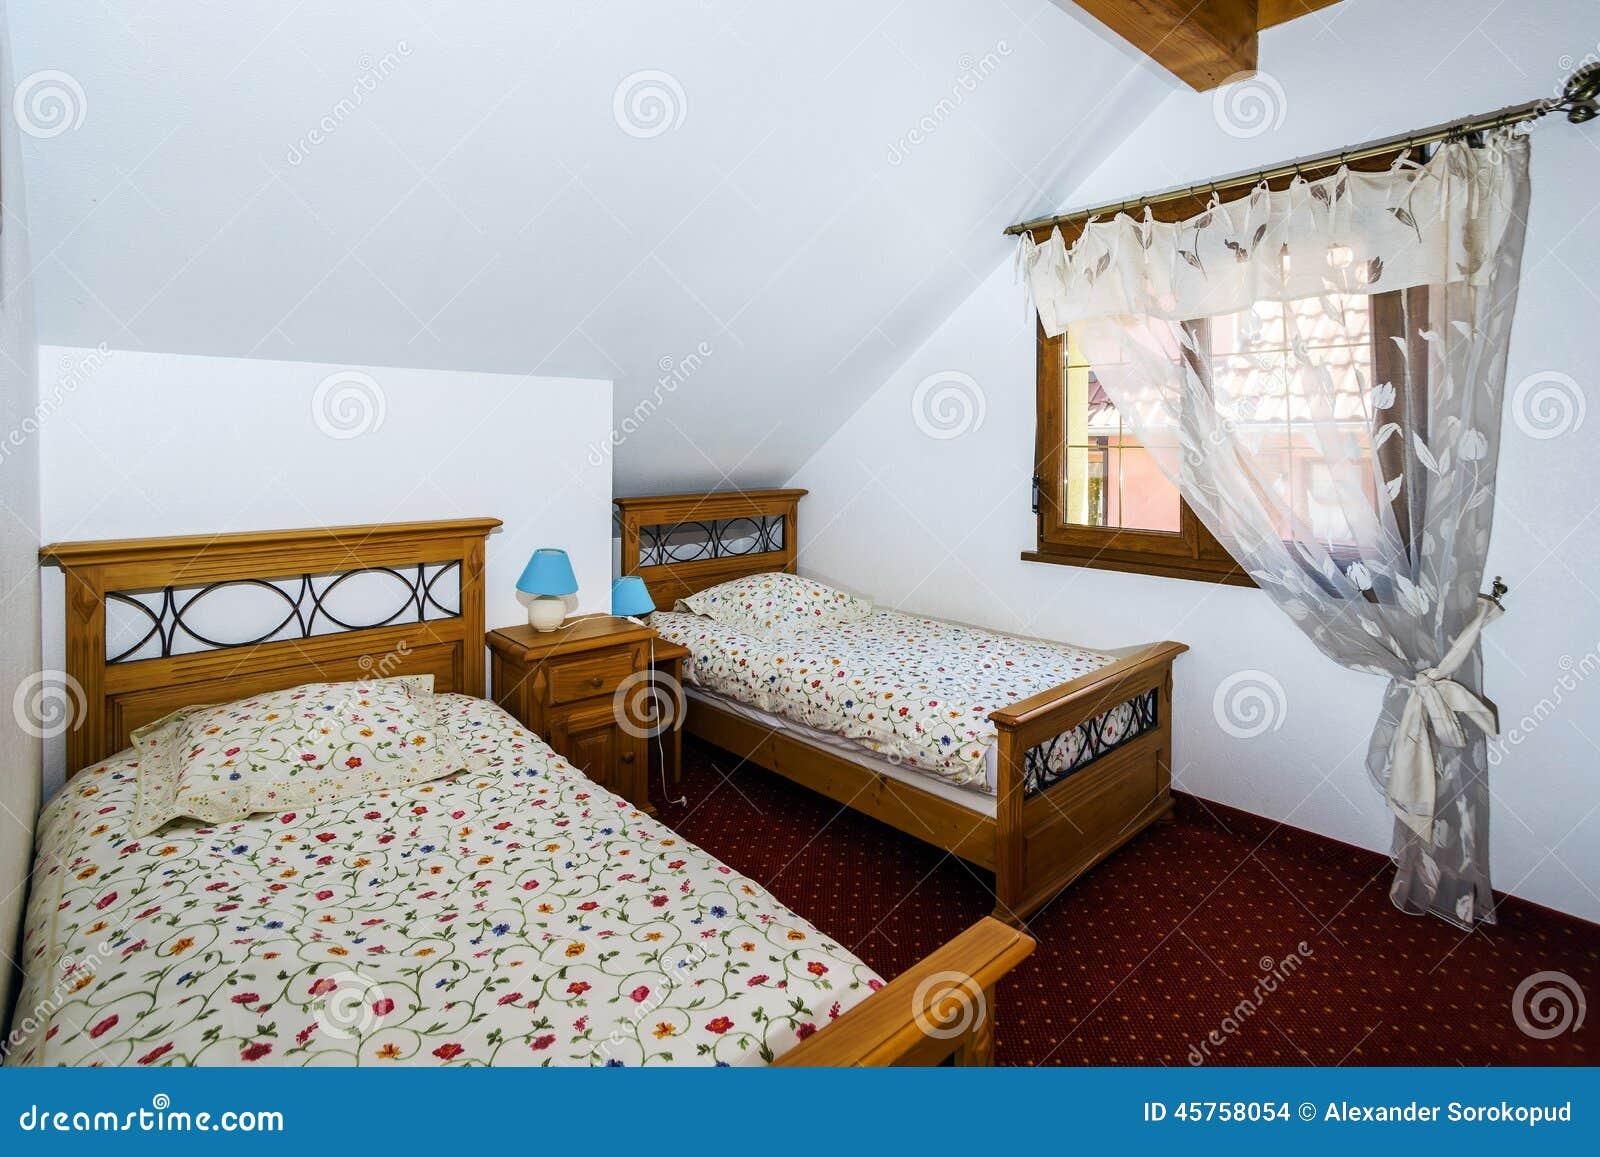 Immagini di riserva di camera da letto per due bambini - Acquisto camera da letto ...